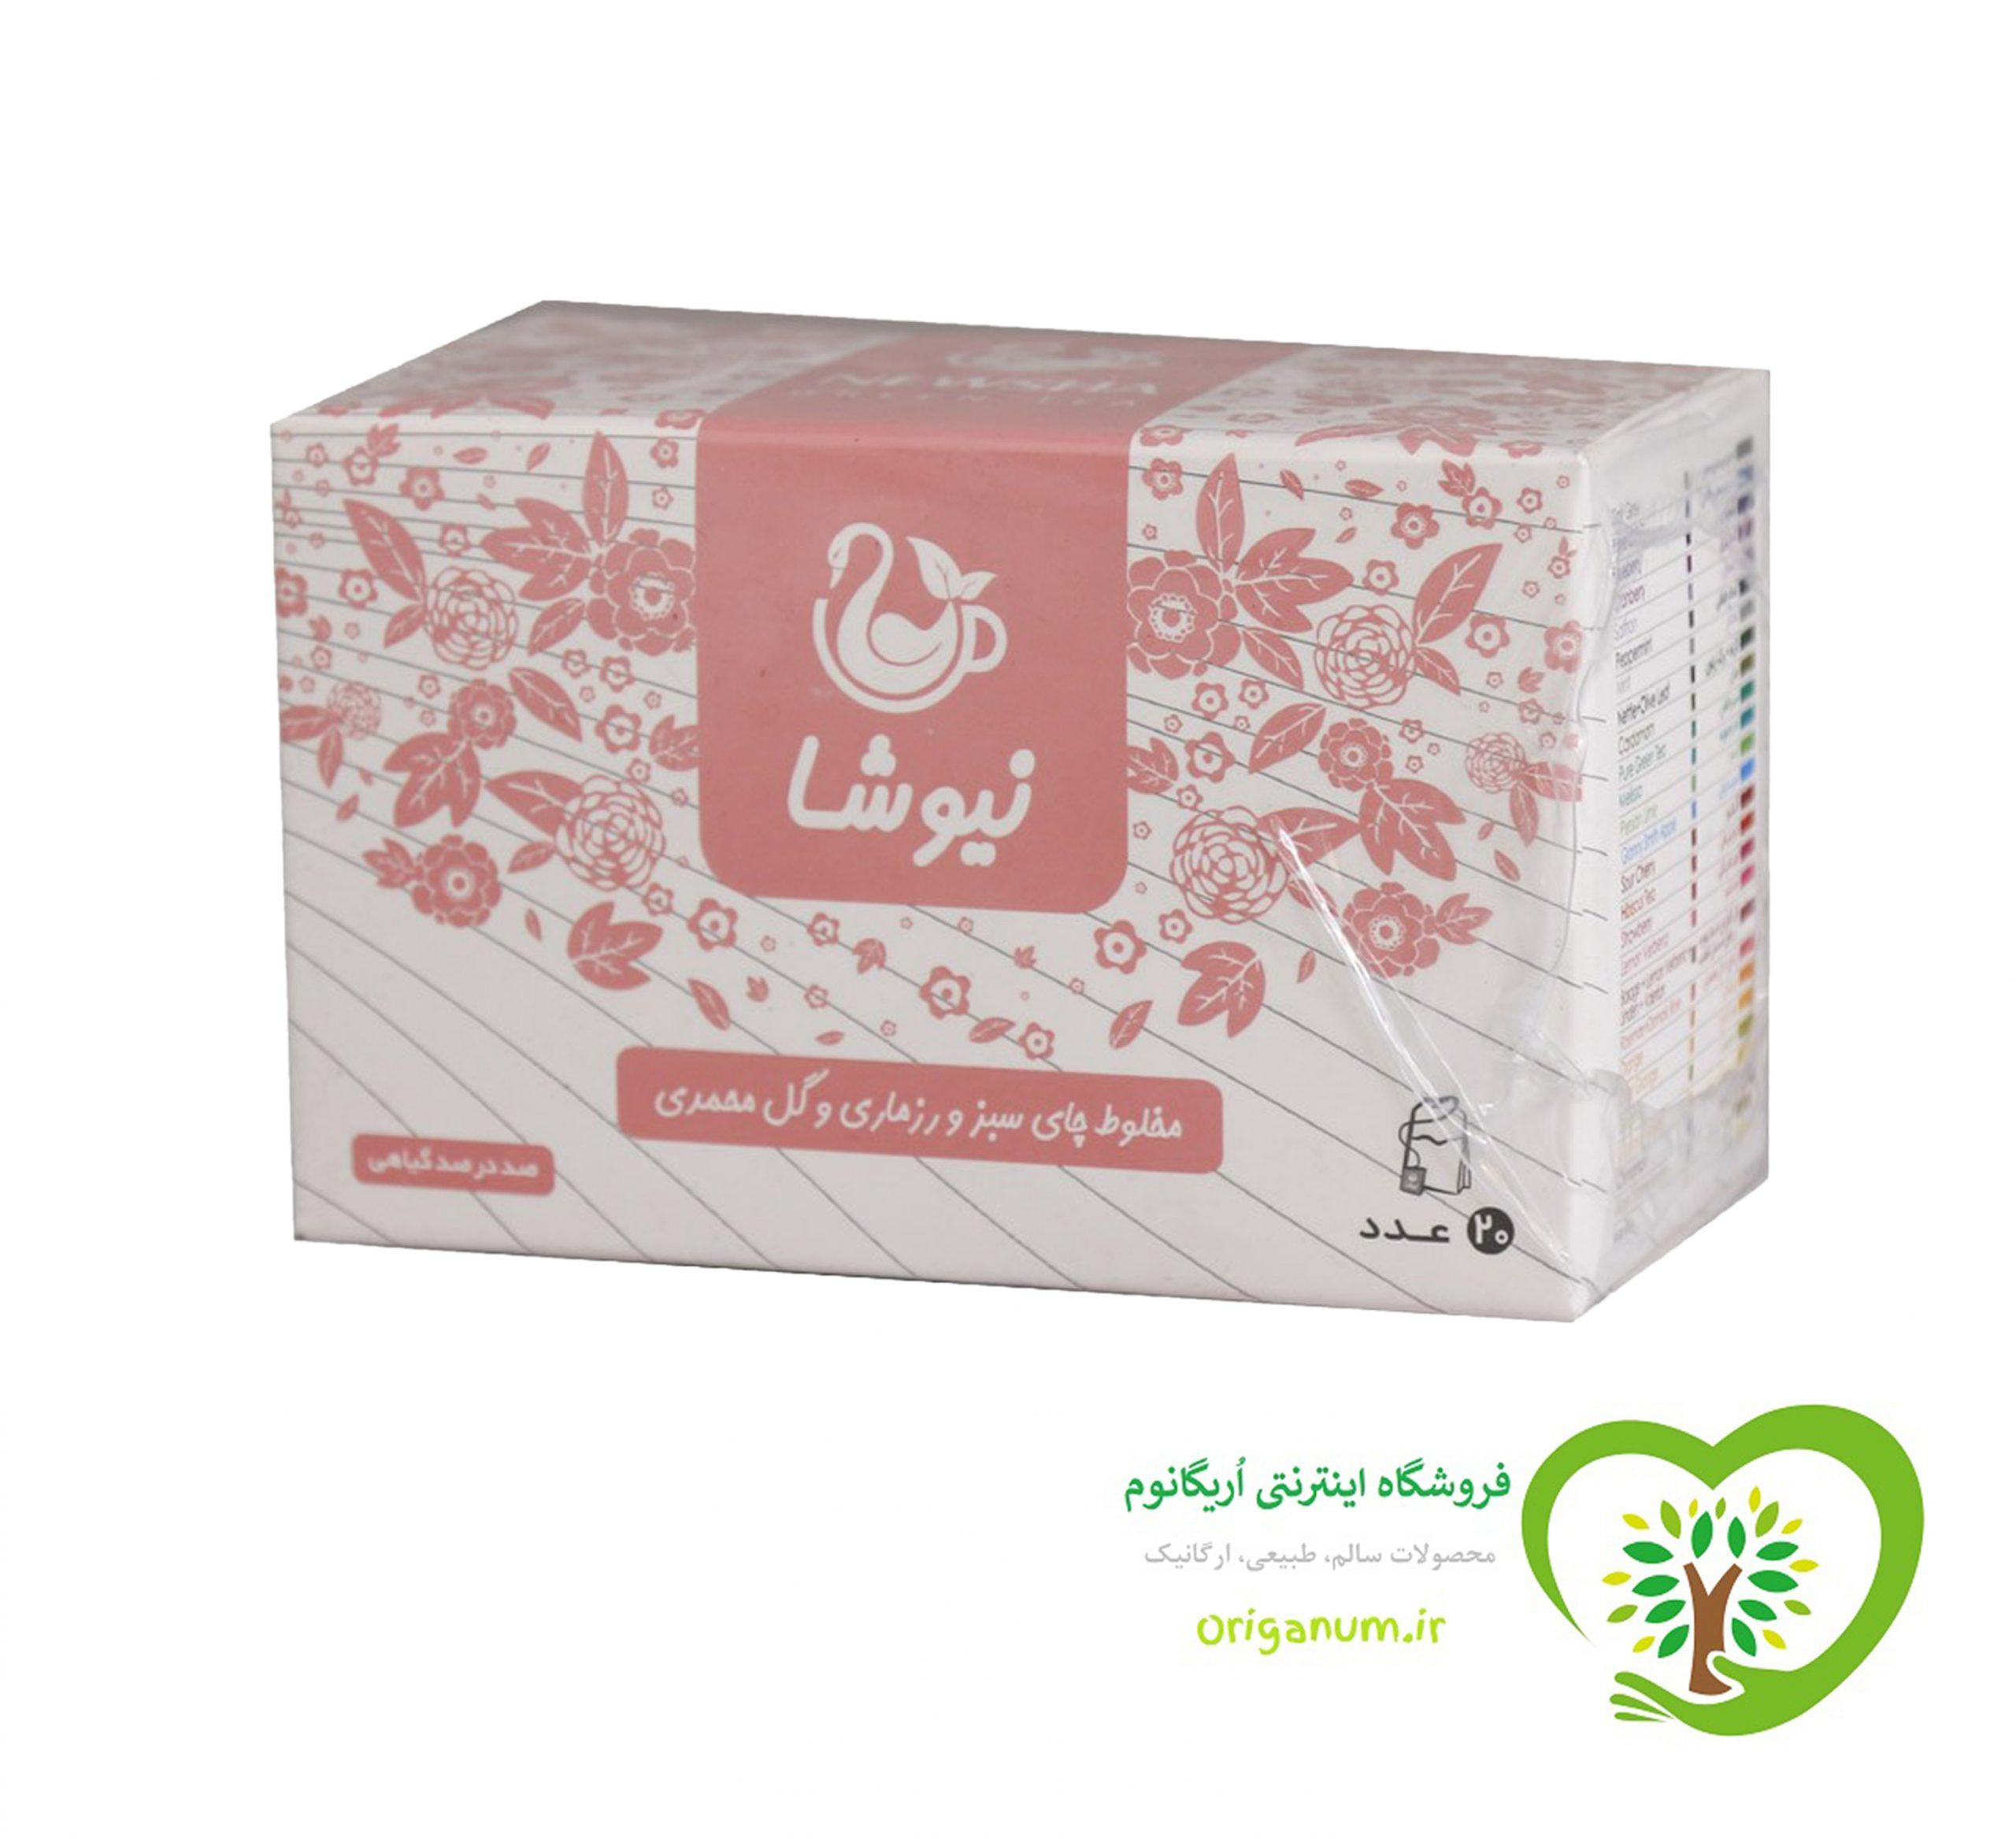 دمنوش مخلوط چای سبز و رزماری و گل محمدی کیسه ای نیوشا 20 عددی